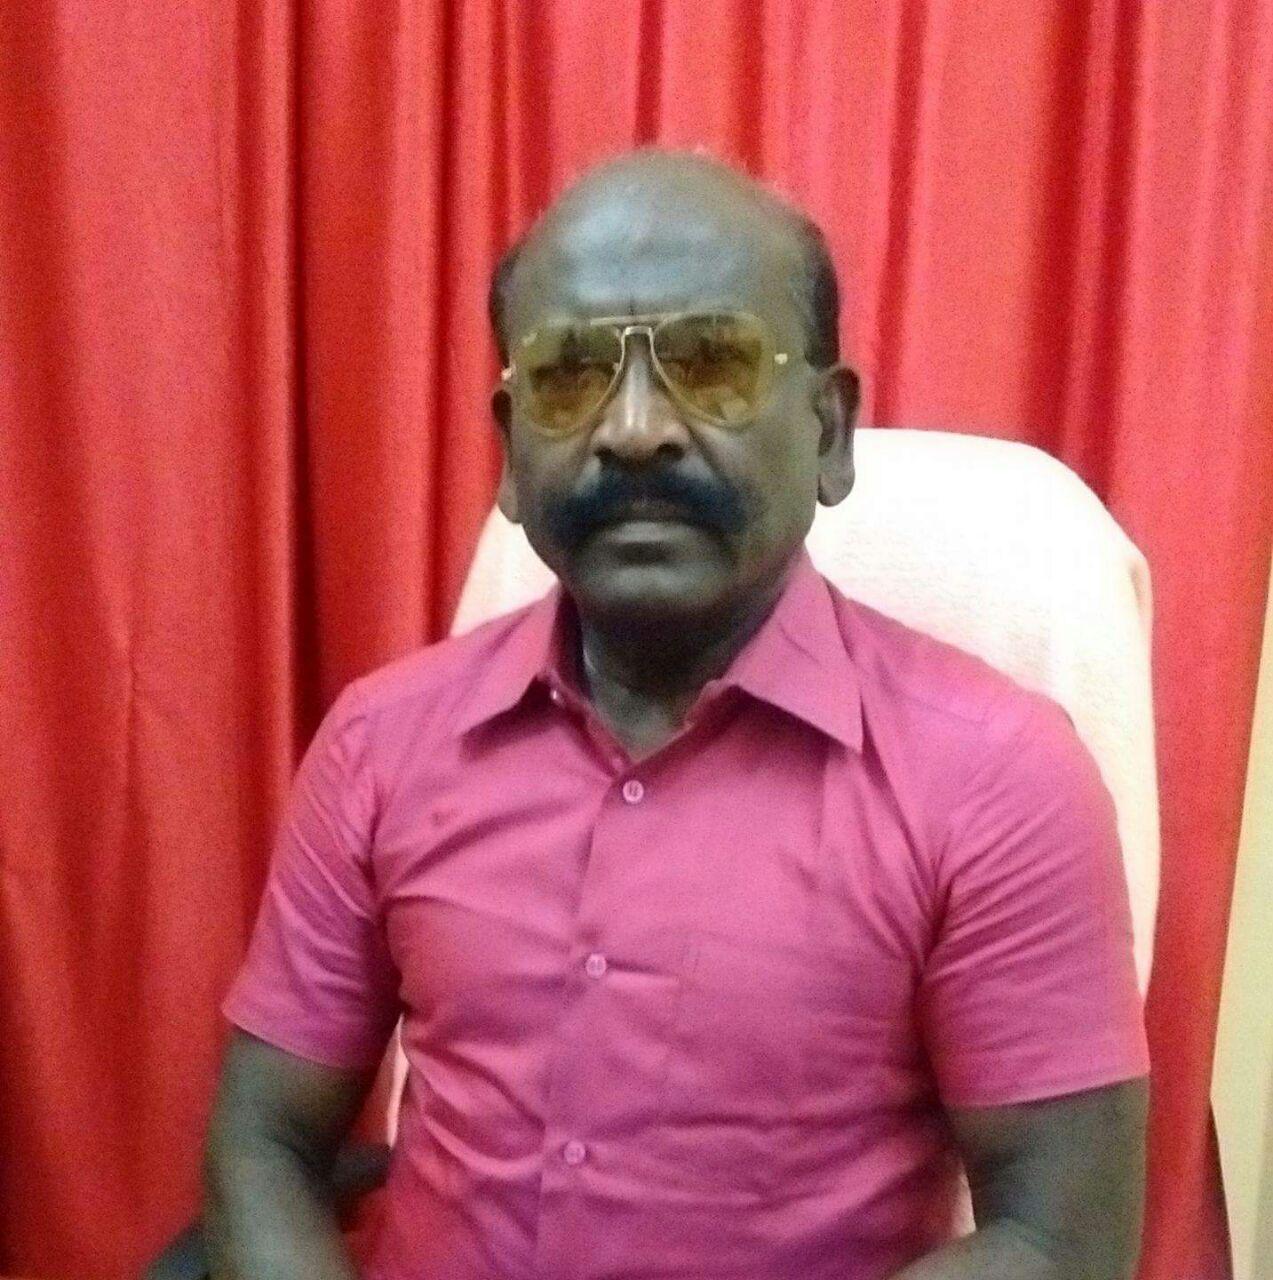 ஓய்வு ஏ.சி.பி.  நவீன்சந்திராநாகேஷ்